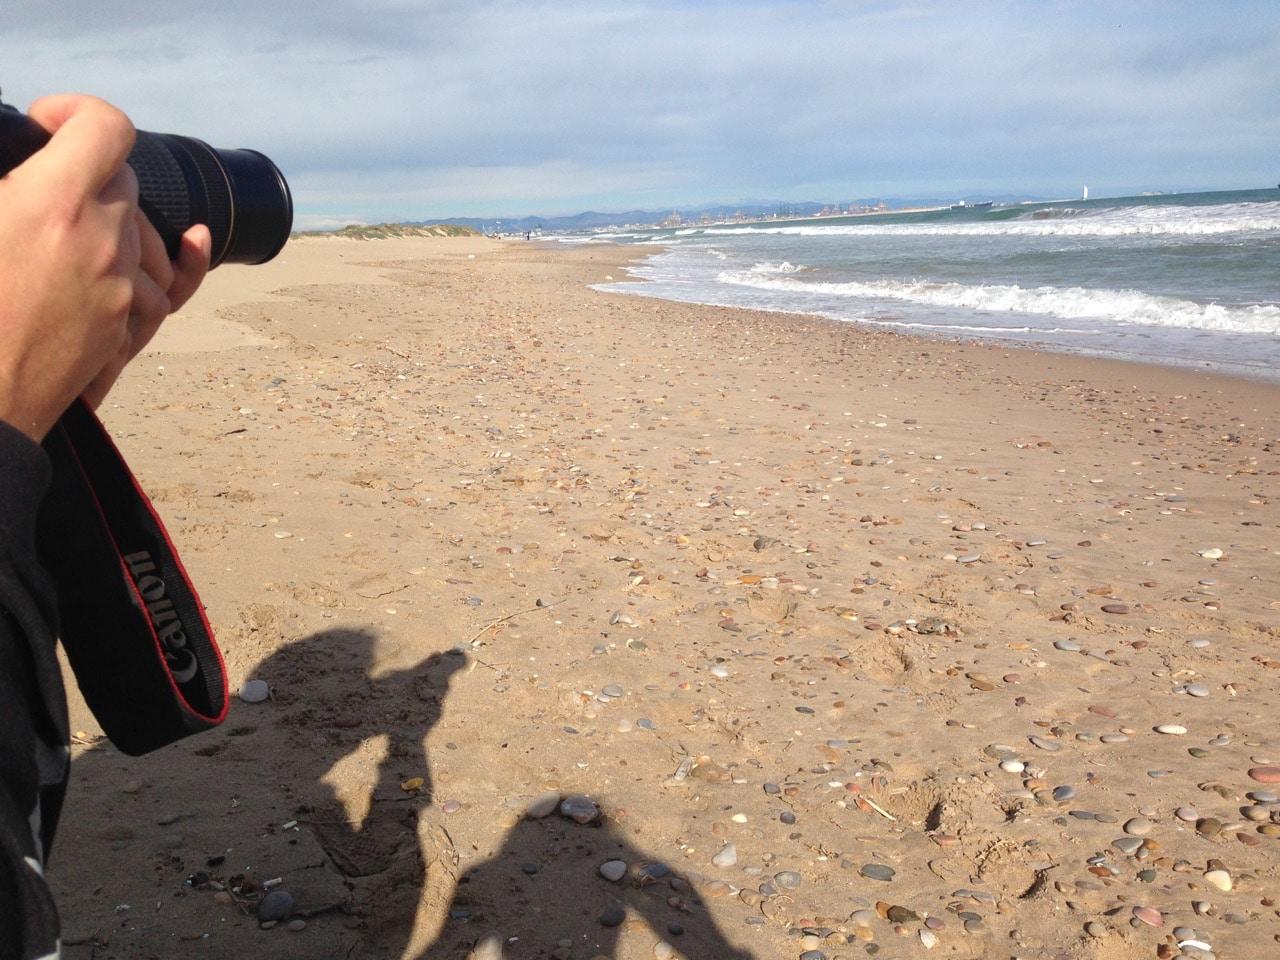 Links im Bild ein Fotoapparat und die Schatten von zwei fotografierenden Menschen, recht Strand und Meer